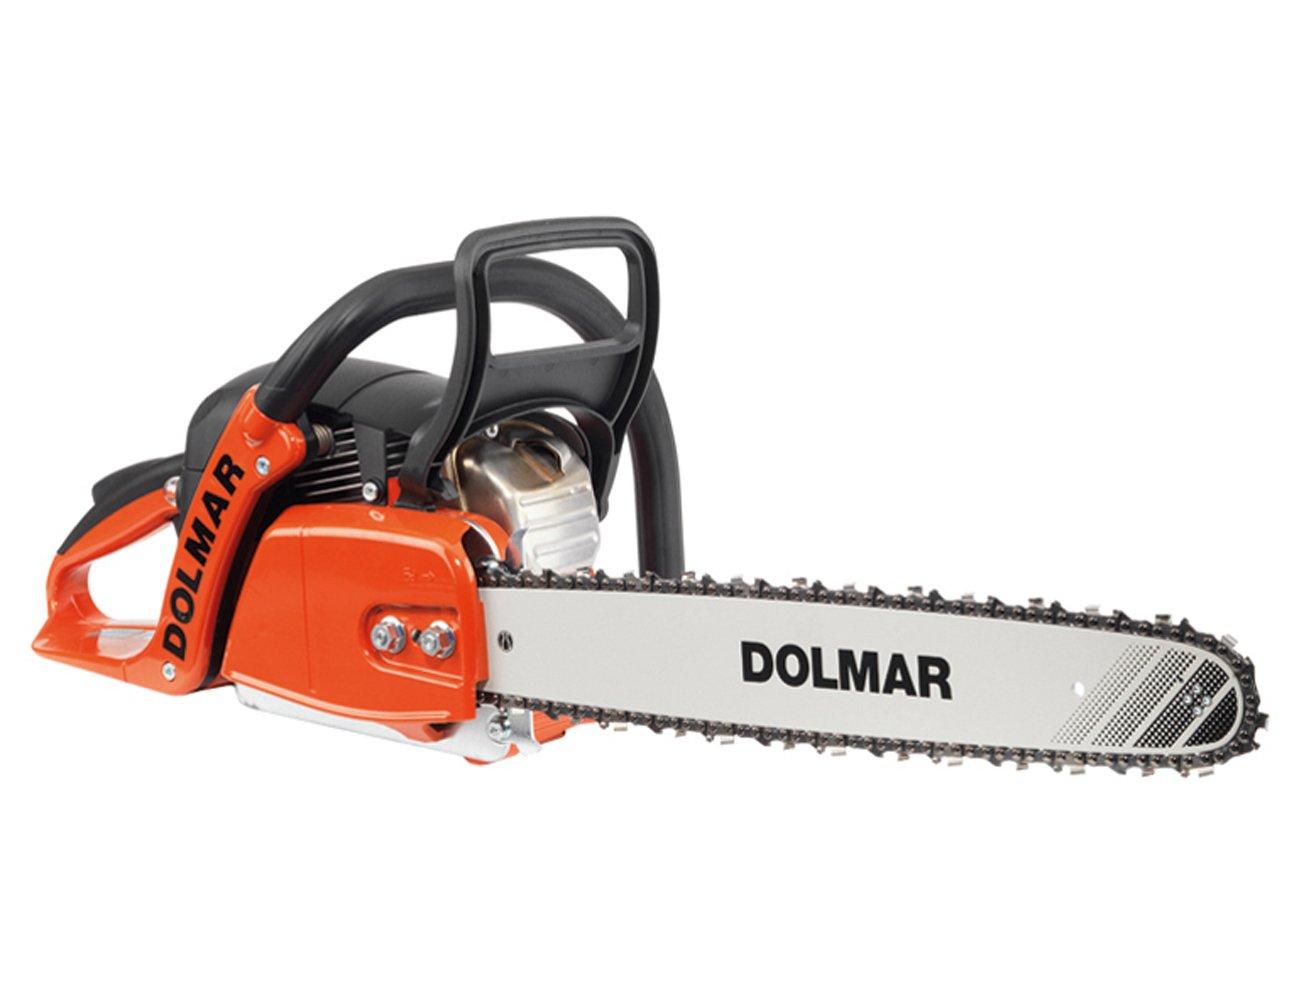 Dolmar Benzin-Motorsäge PS-420C, 45 cm Schwert